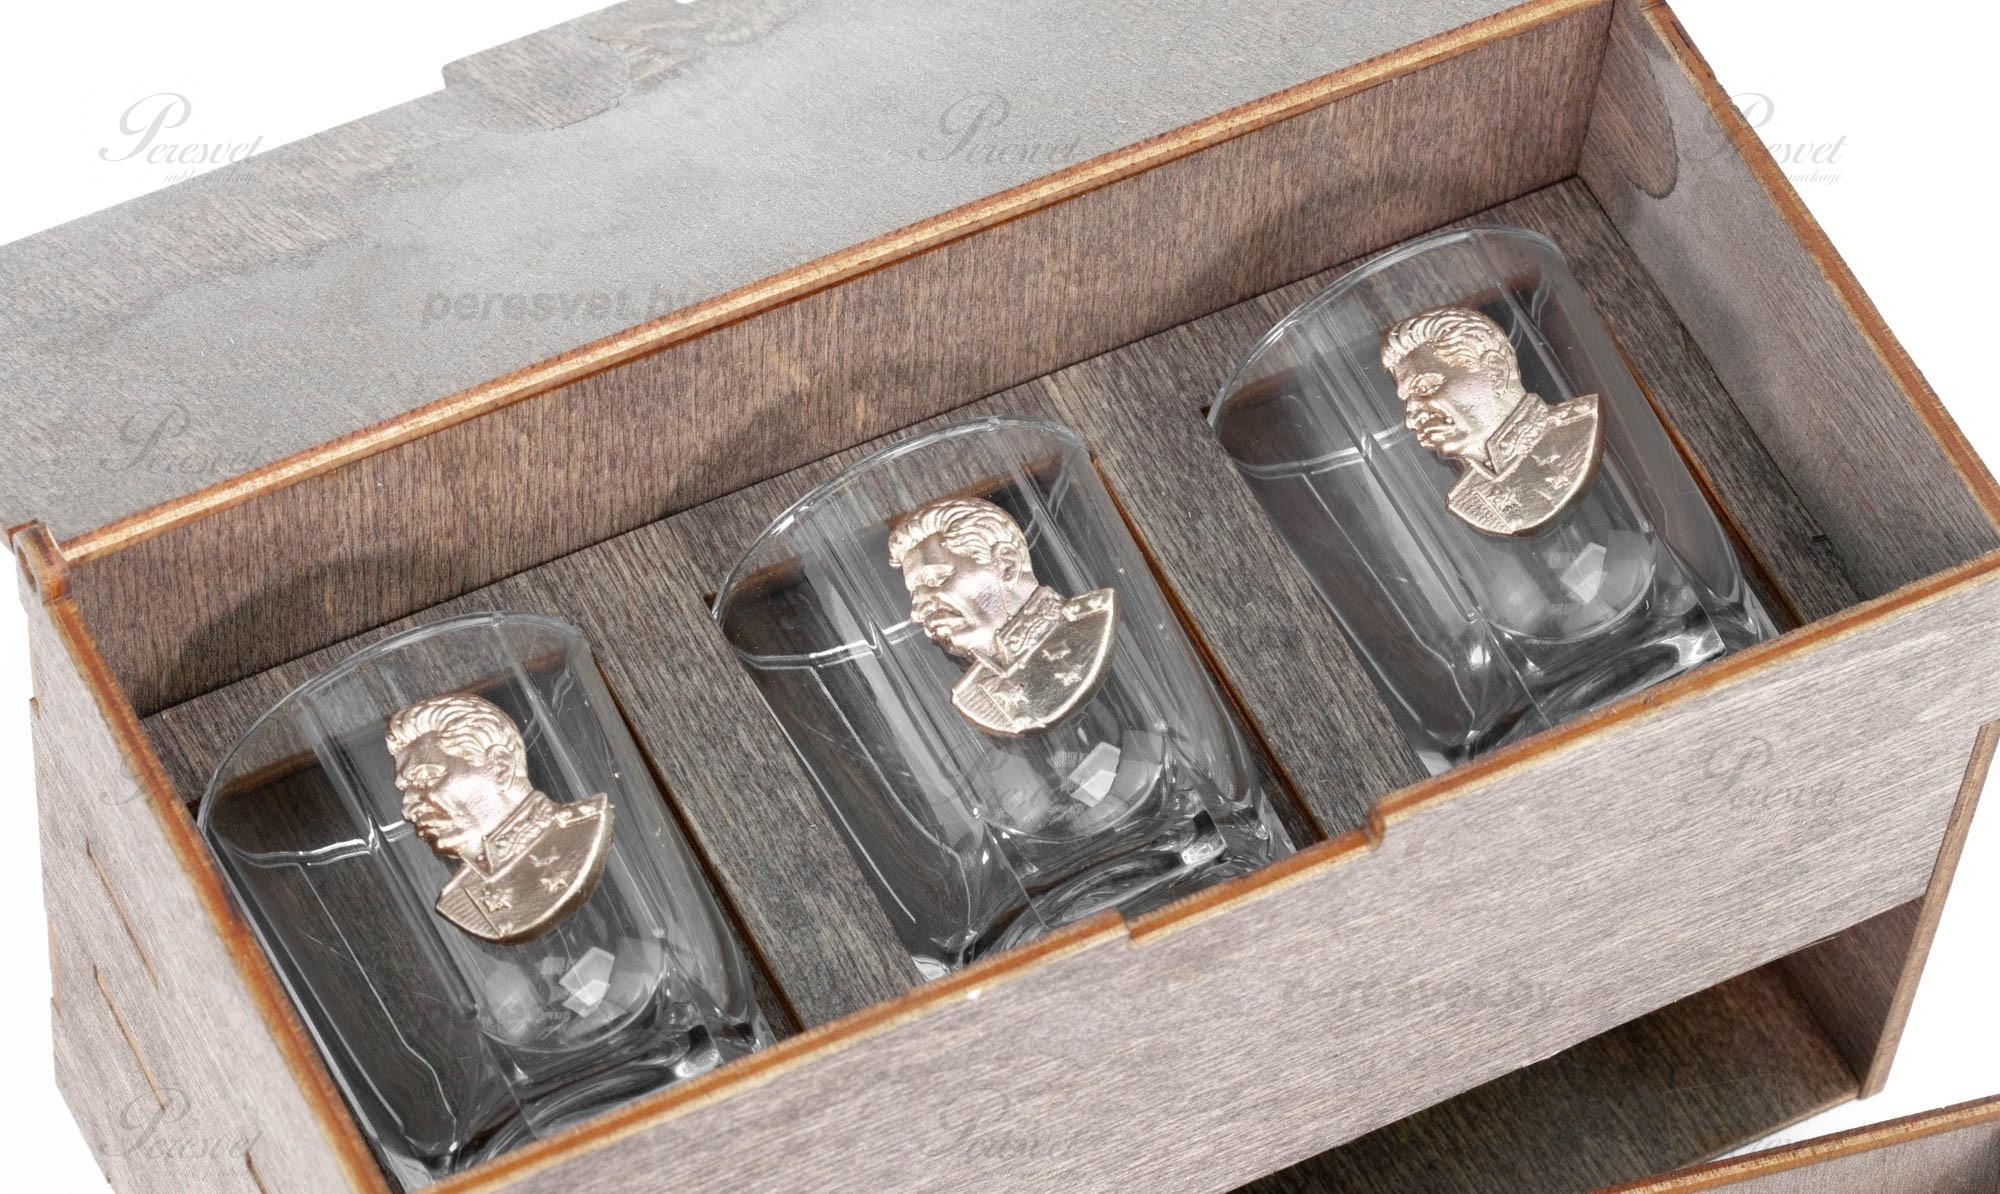 Подарочный набор для мужчин Стратегический запас №2-2 с элементами бронзы на peresvet.by